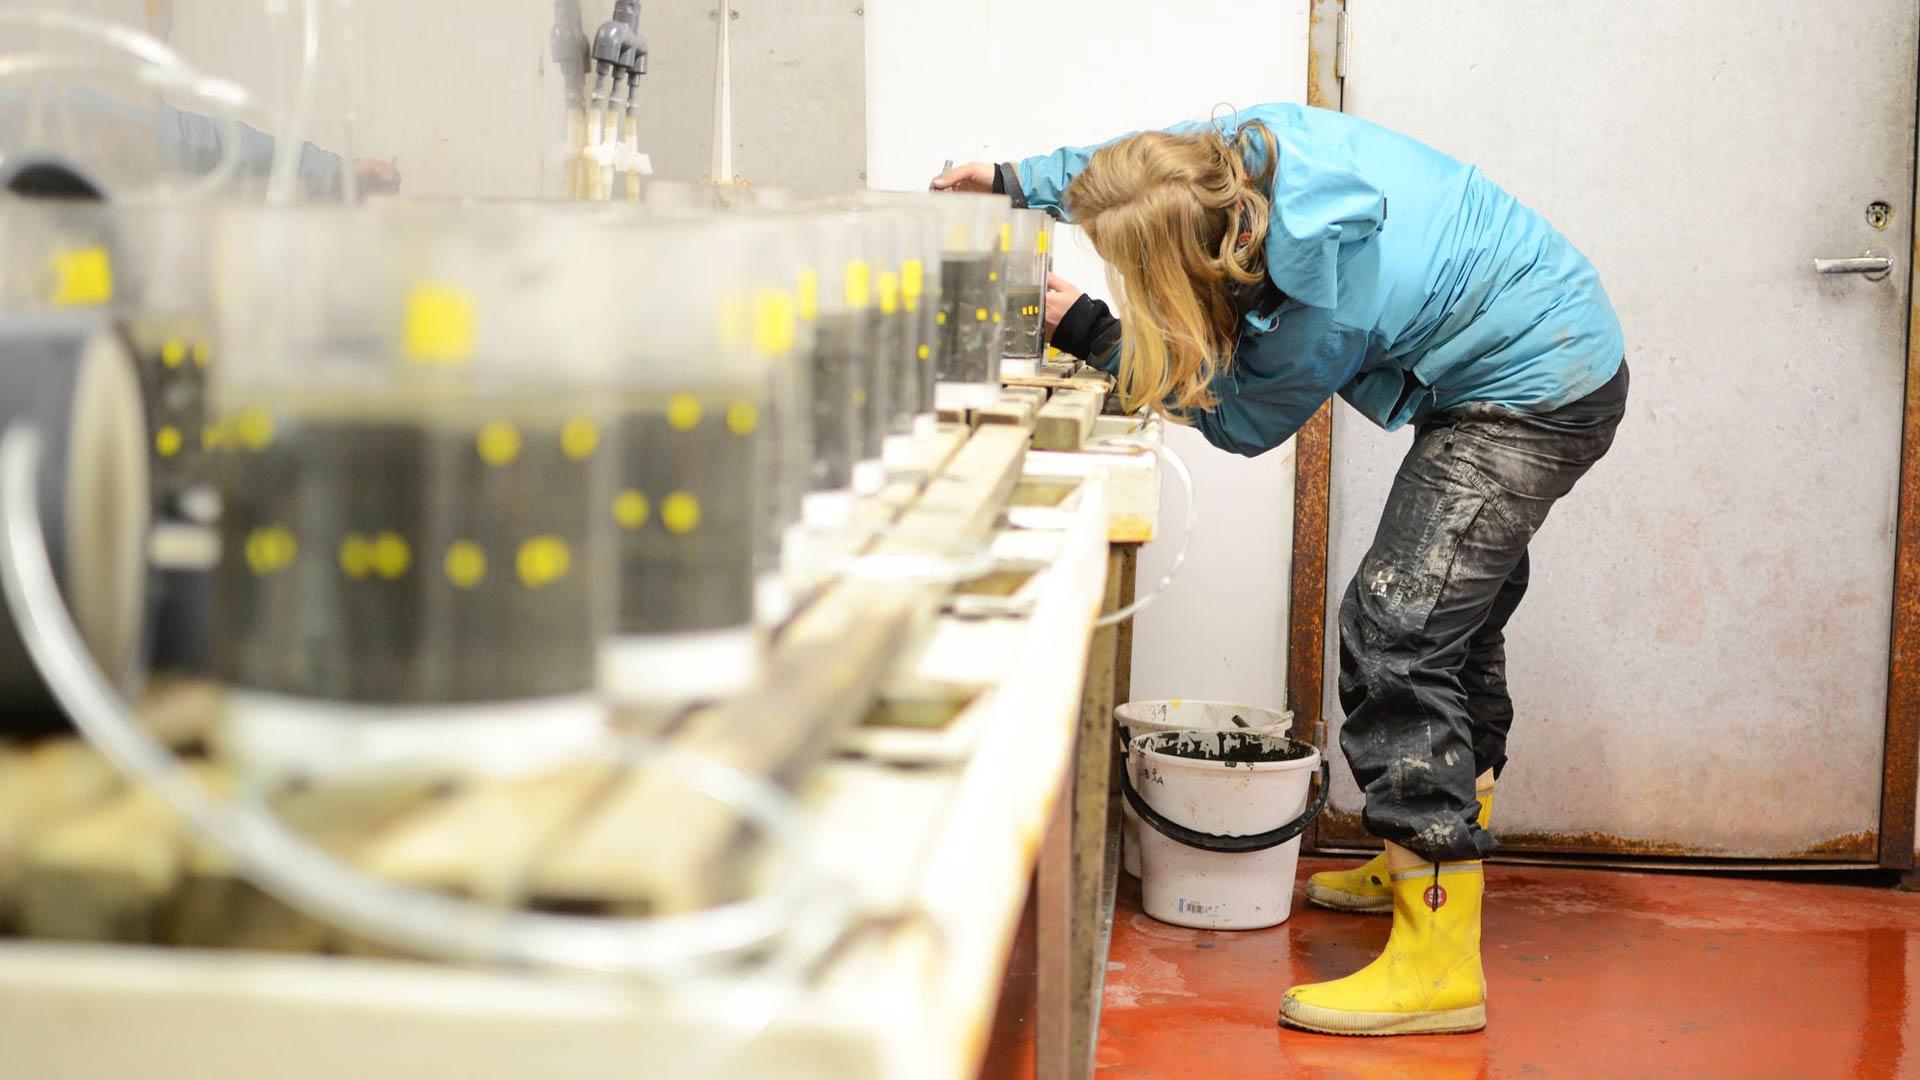 Pinja Näkki rakentaa bioturbaatiokoetta Tvärminnessä. Pohjaeläimet hautaavat mikromuoveja noin viiden senttimetrin syyvyyteen.